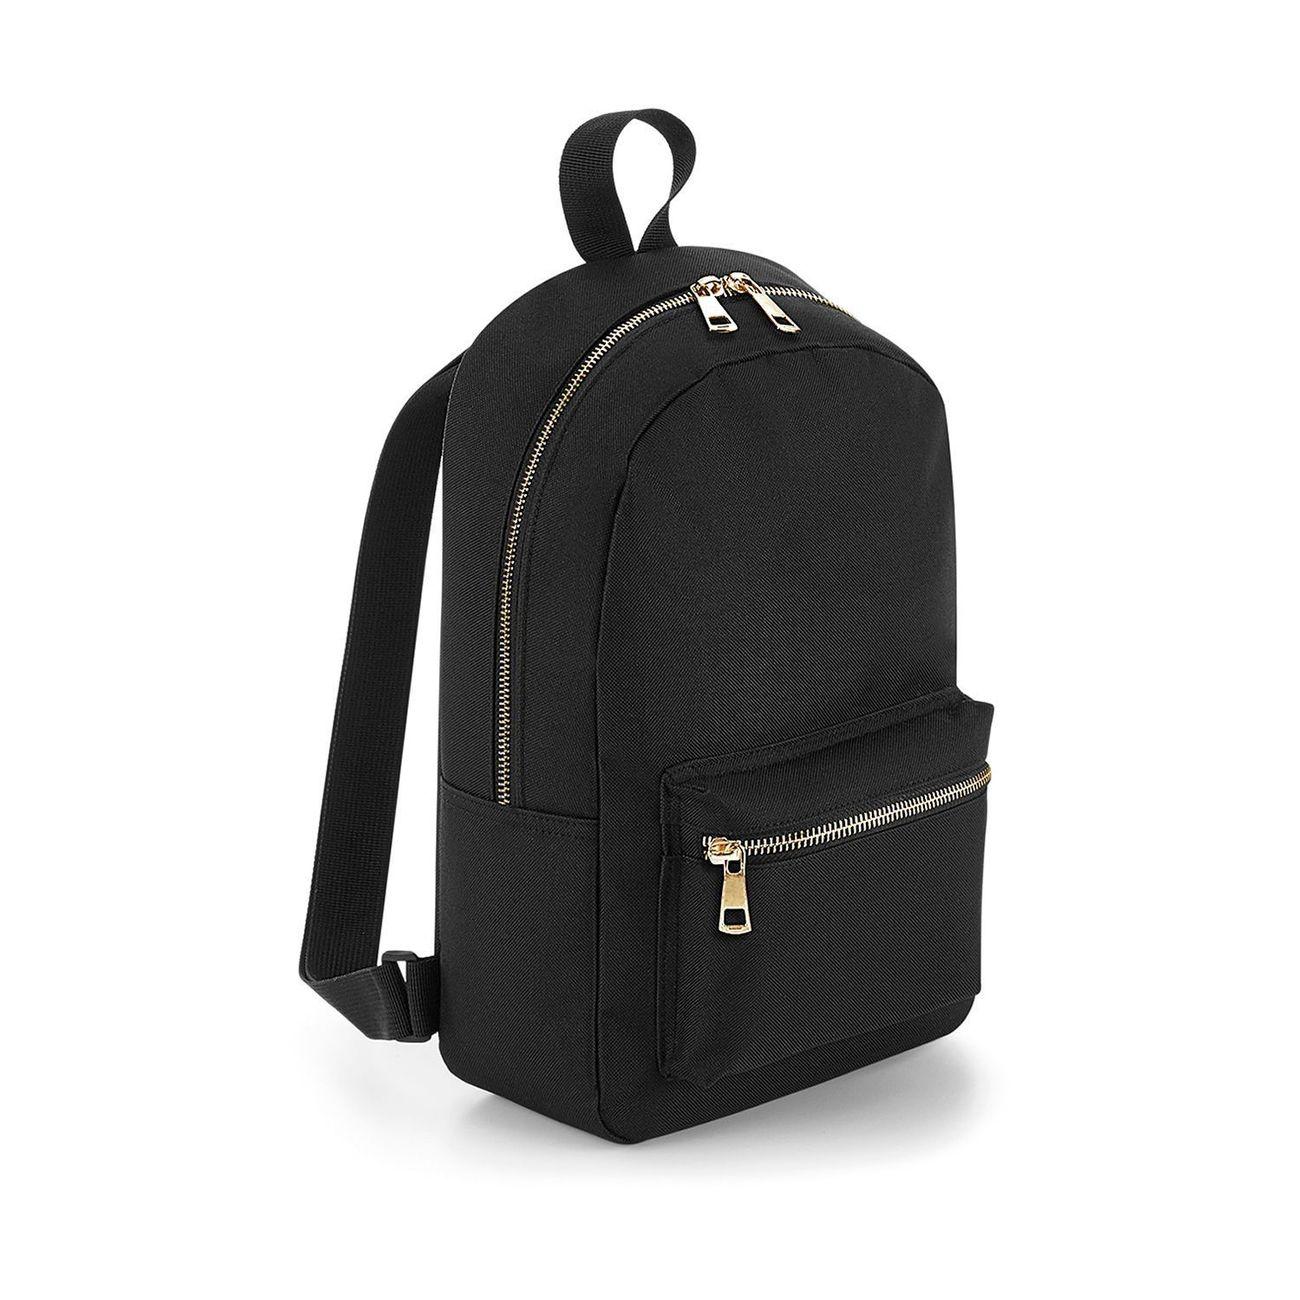 BAG BASE Petit sac à dos loisirs - BG233 - noir zip doré